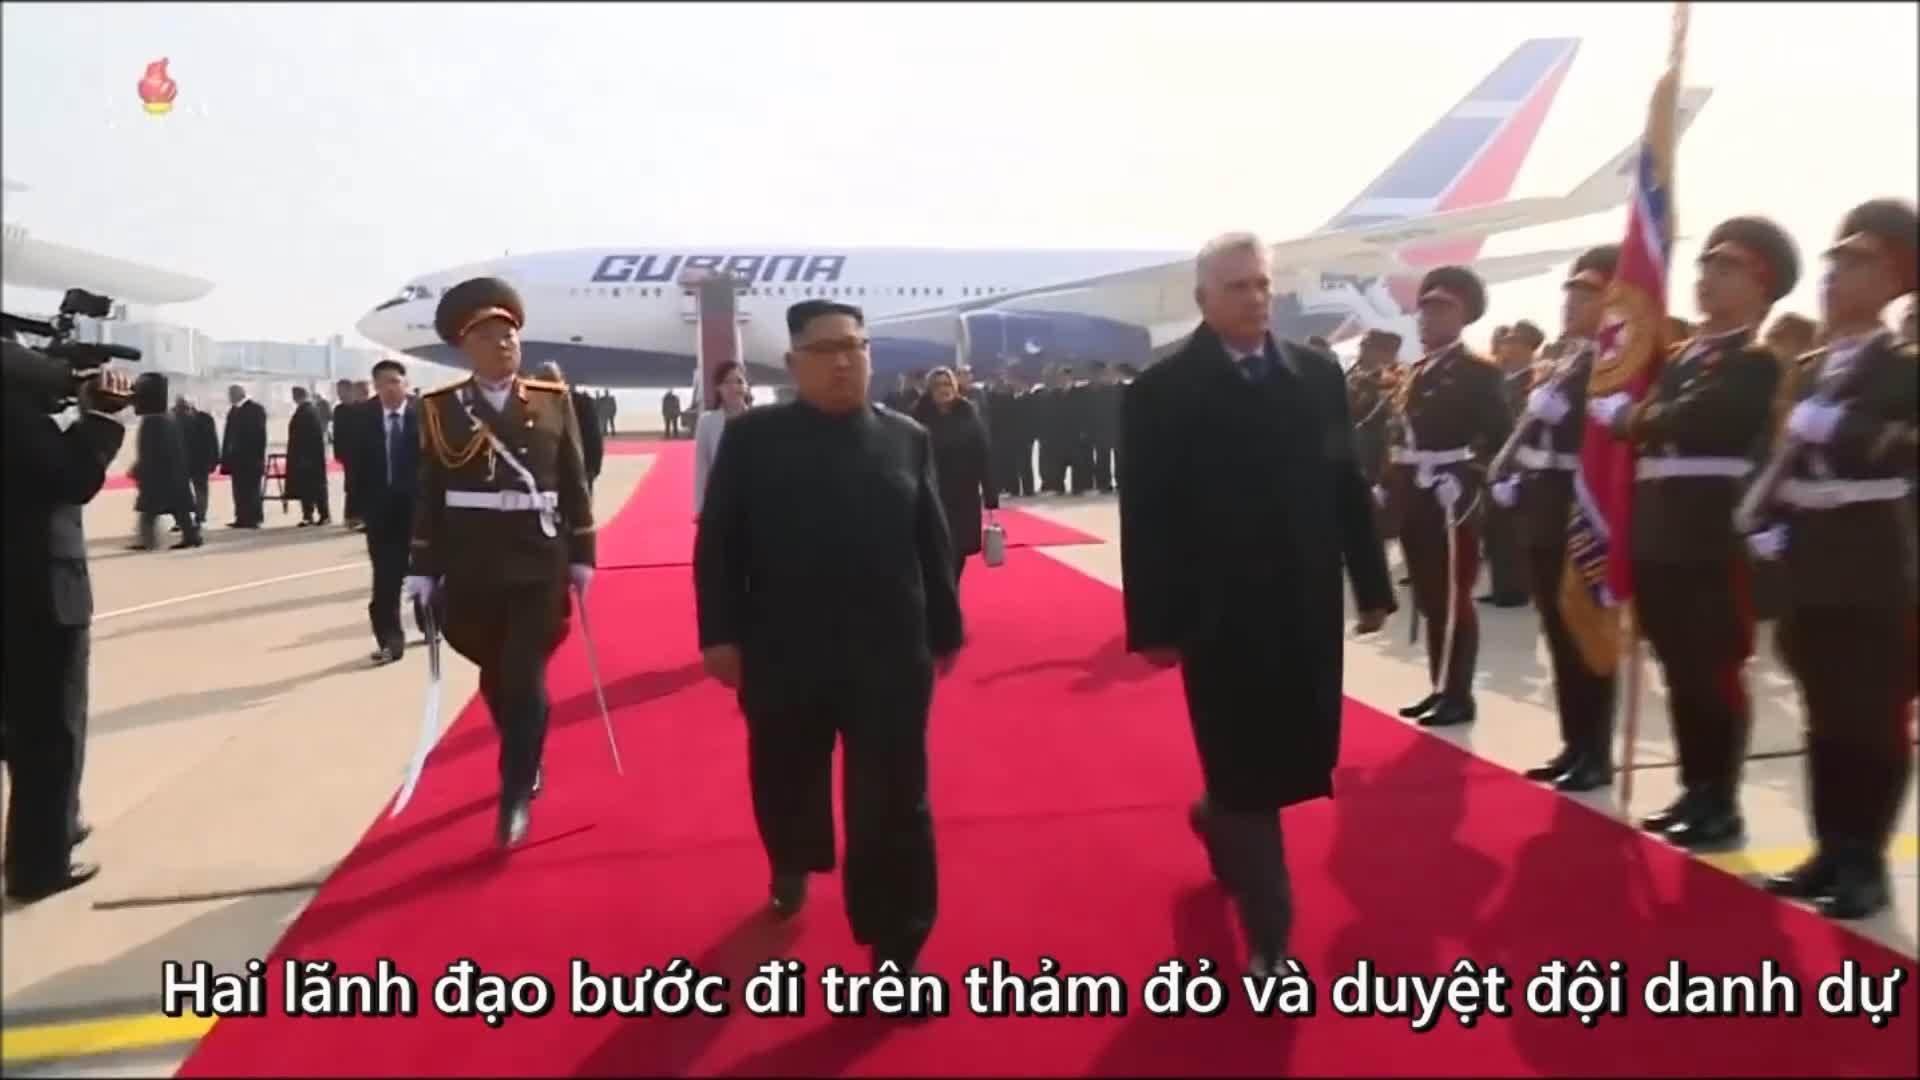 Kim Jong-un cùng vợ ra sân bay đón Chủ tịch Cuba thăm Triều Tiên